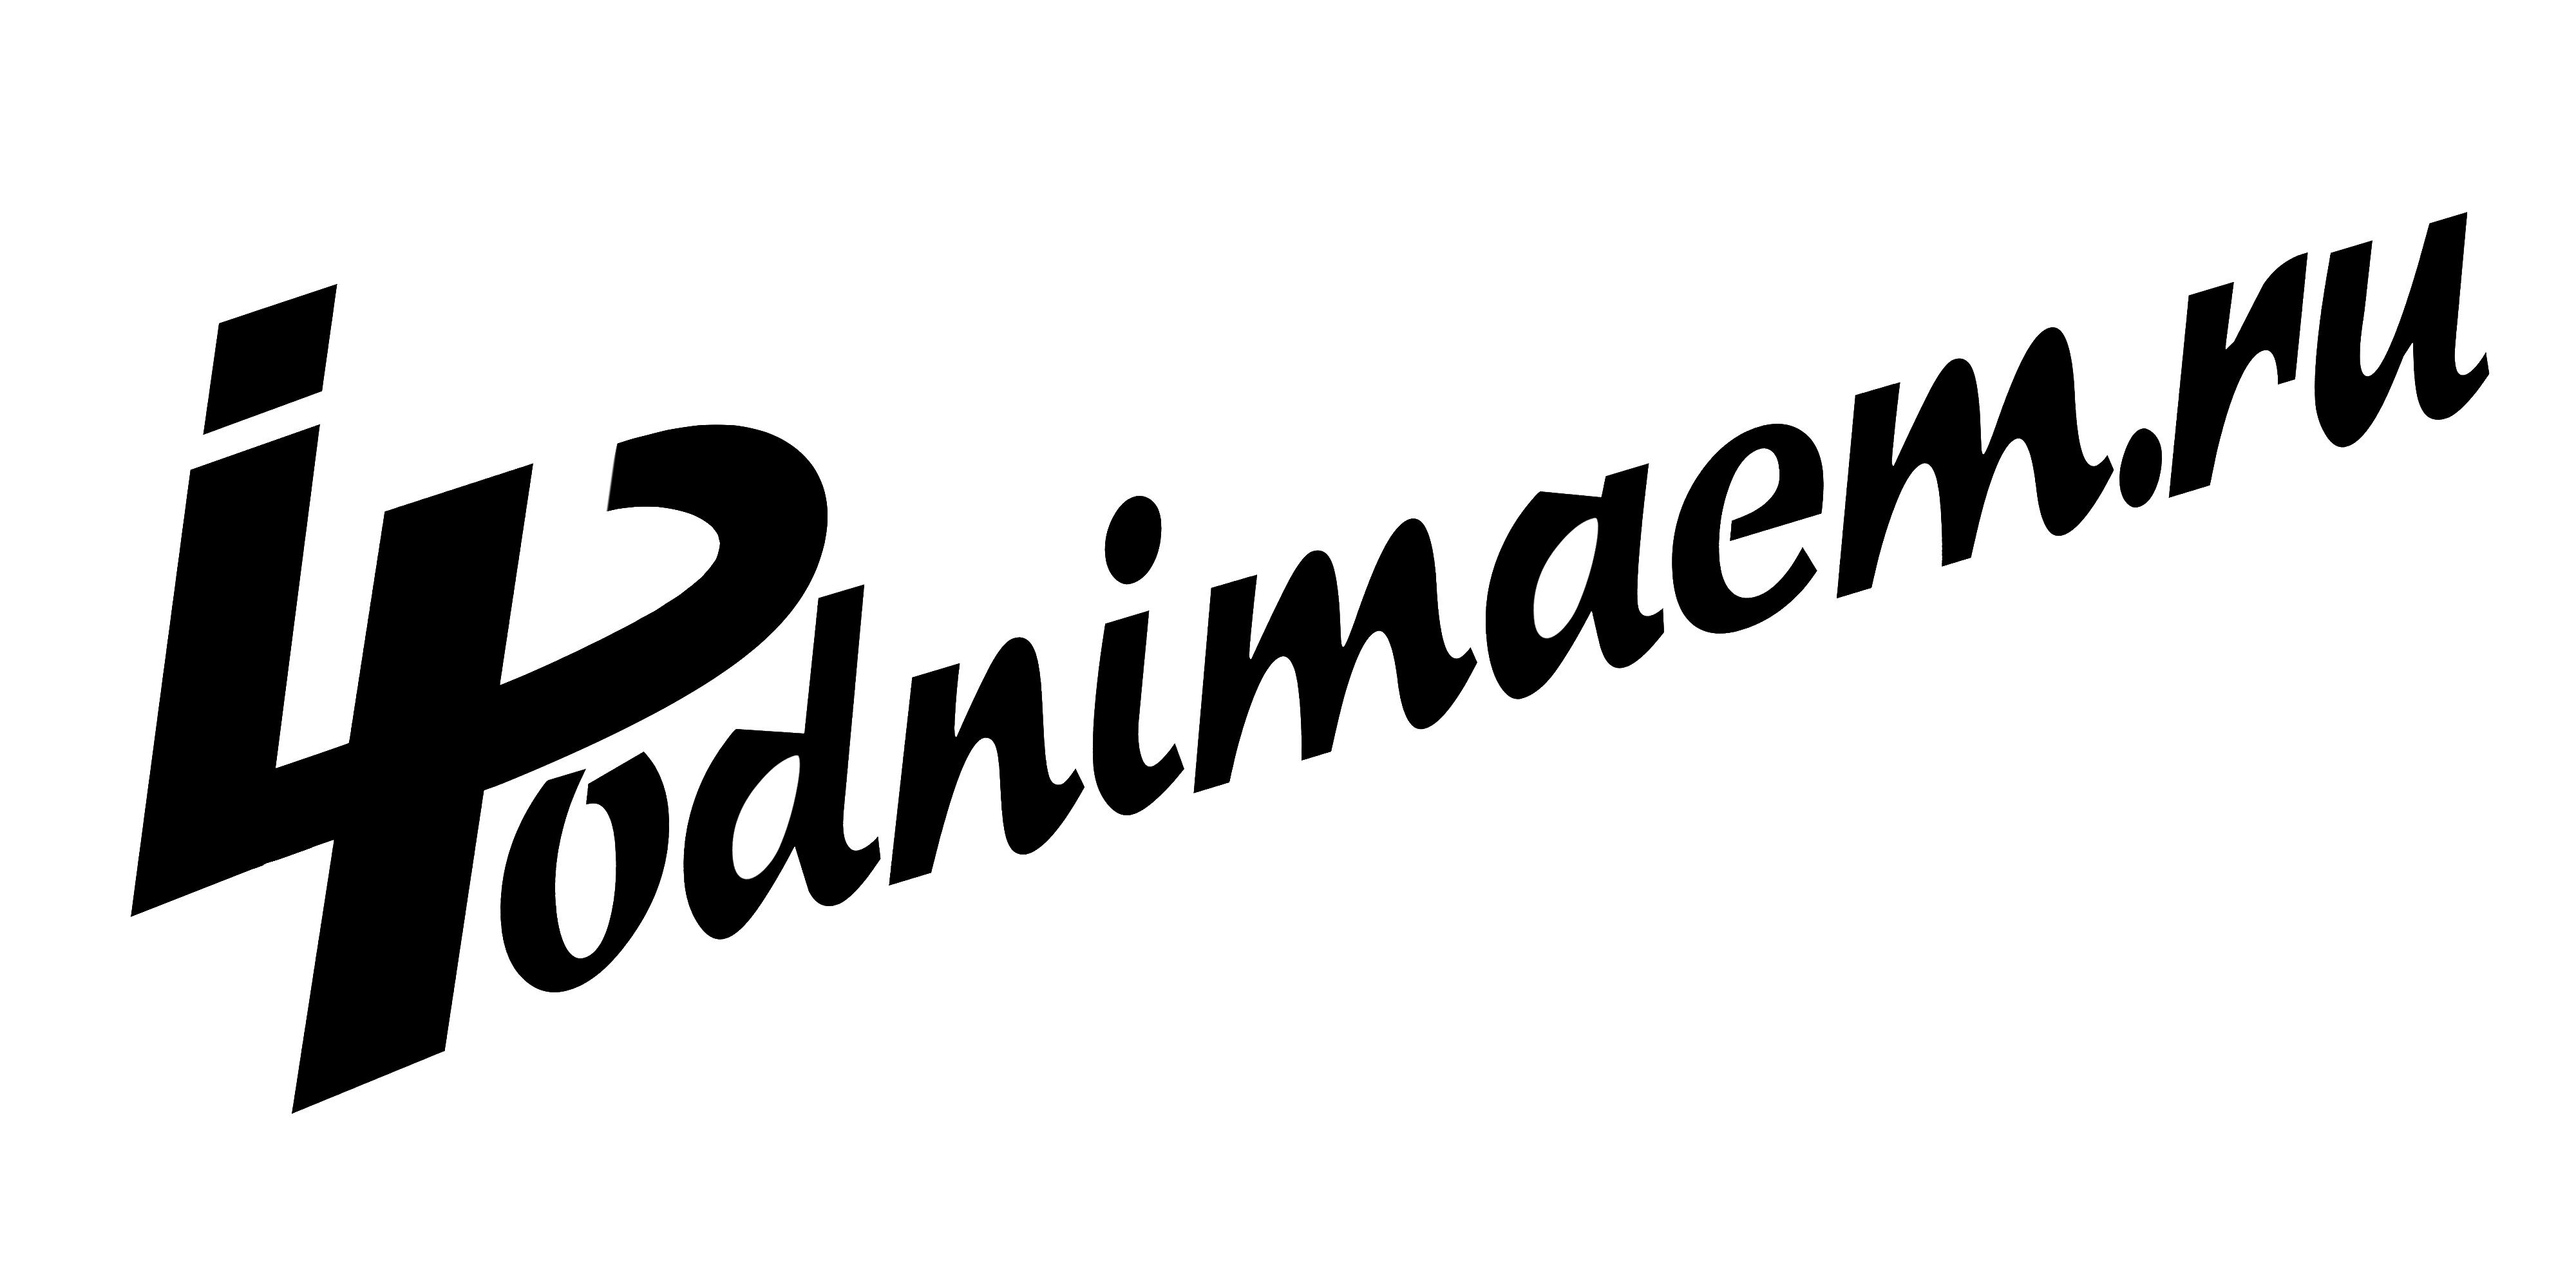 Разработать логотип + визитку + логотип для печати ООО +++ фото f_01155463b574d3be.jpg